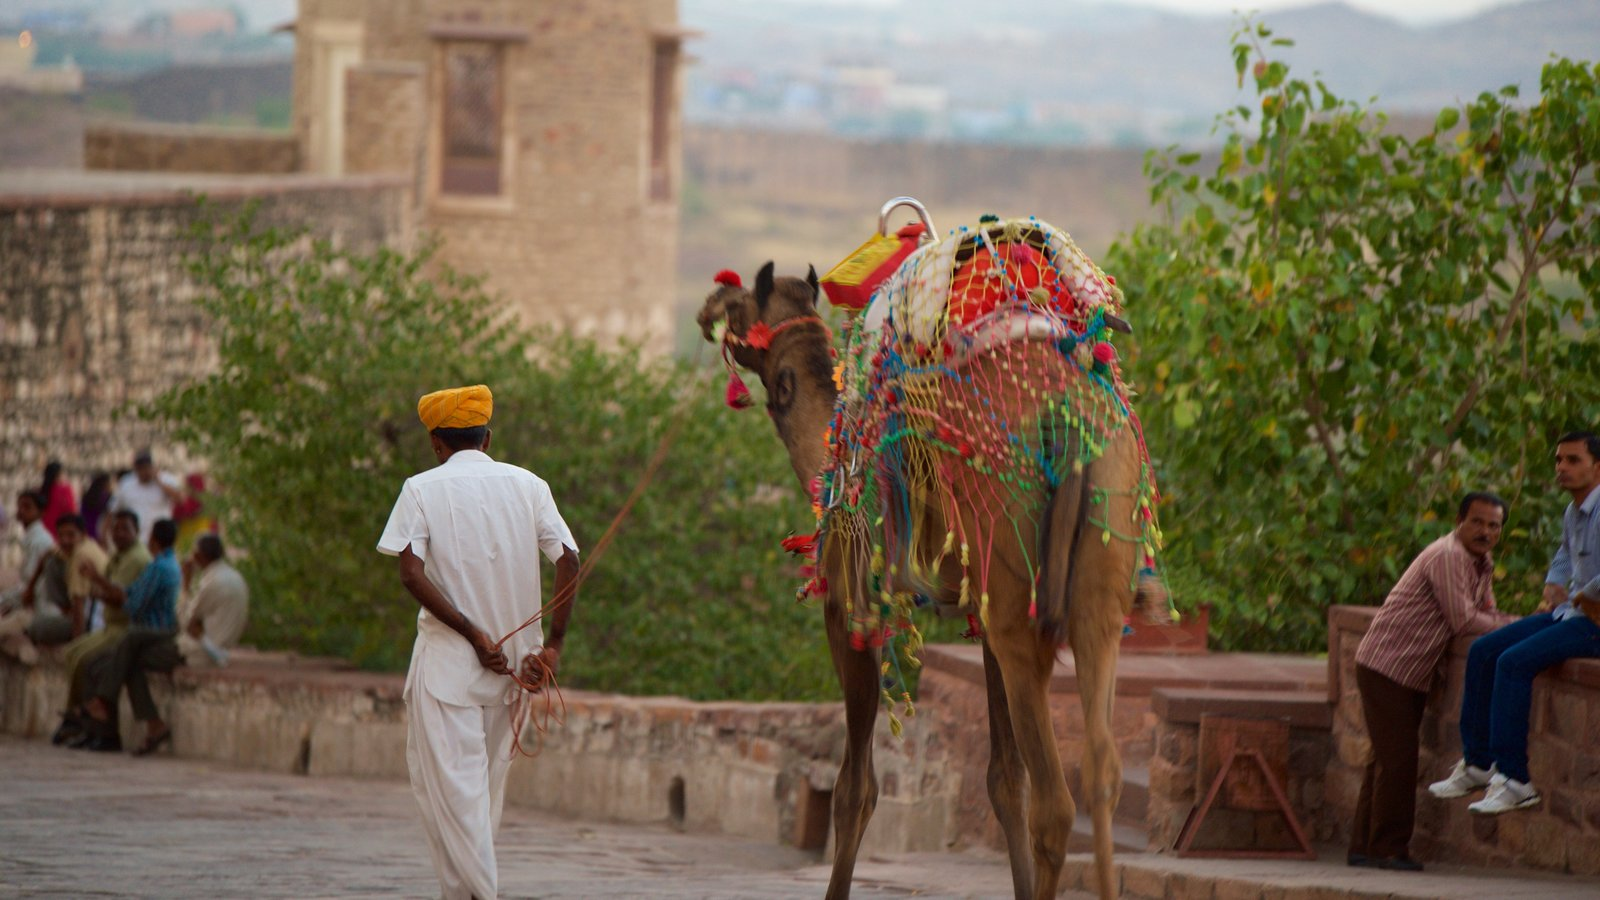 Mehrangarh Fort ofreciendo animales terrestres y también un hombre